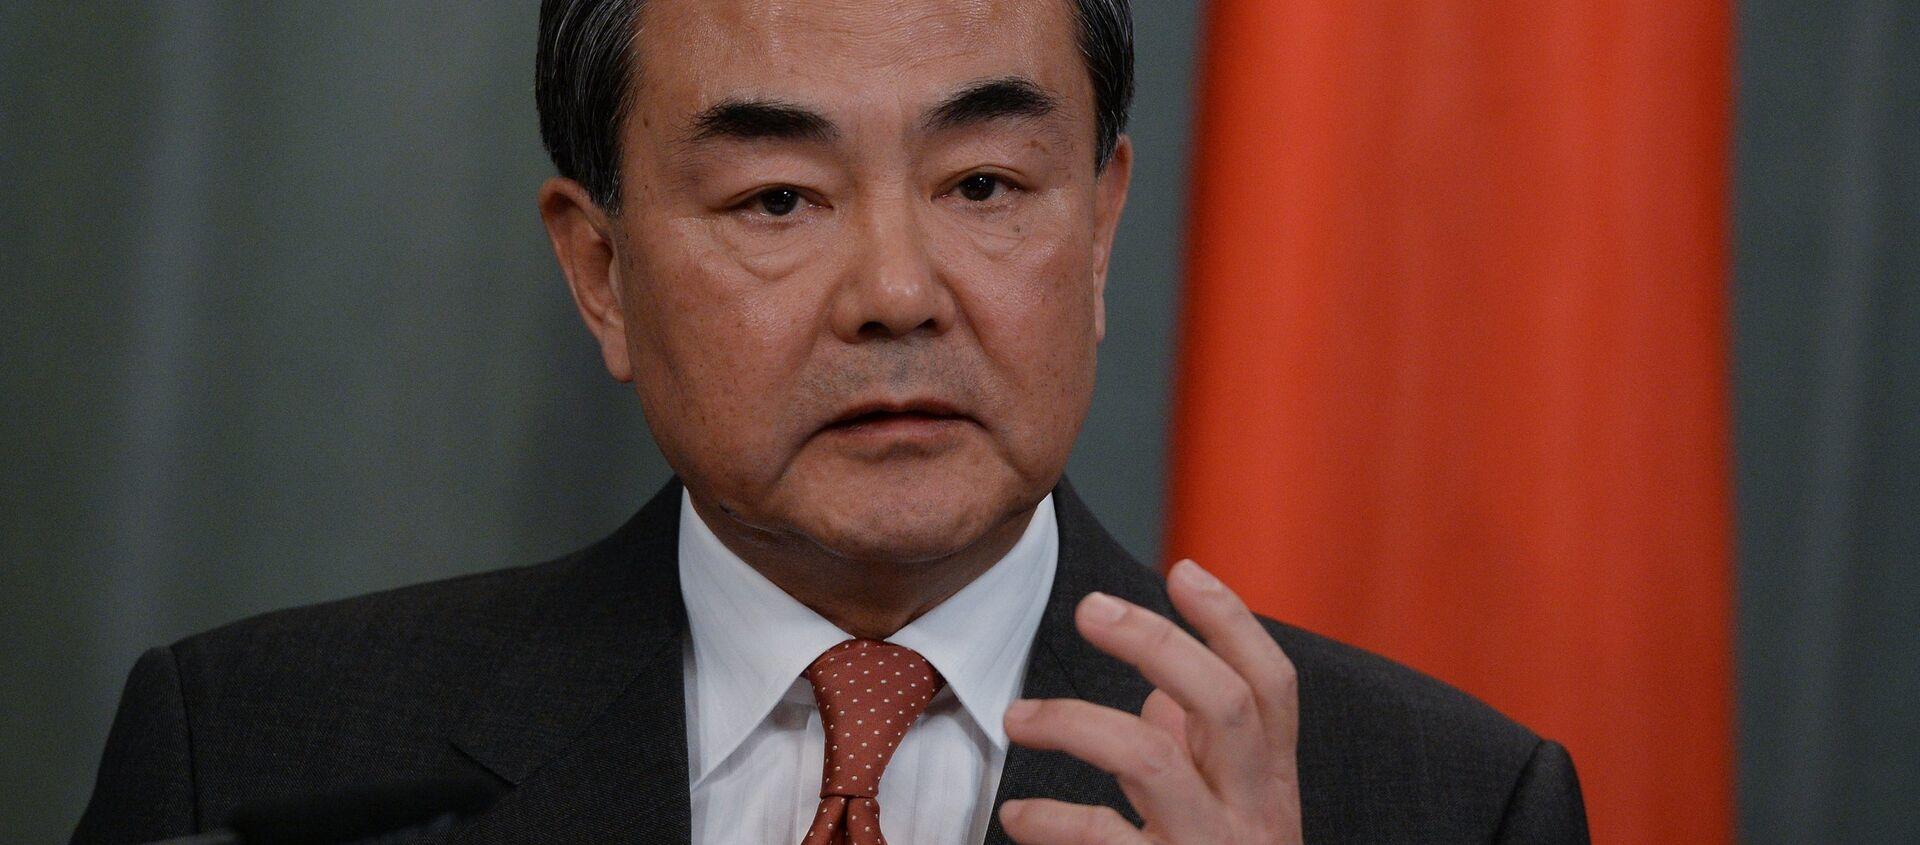 Ngoại trưởng Trung Quốc Vương Nghị - Sputnik Việt Nam, 1920, 24.03.2021